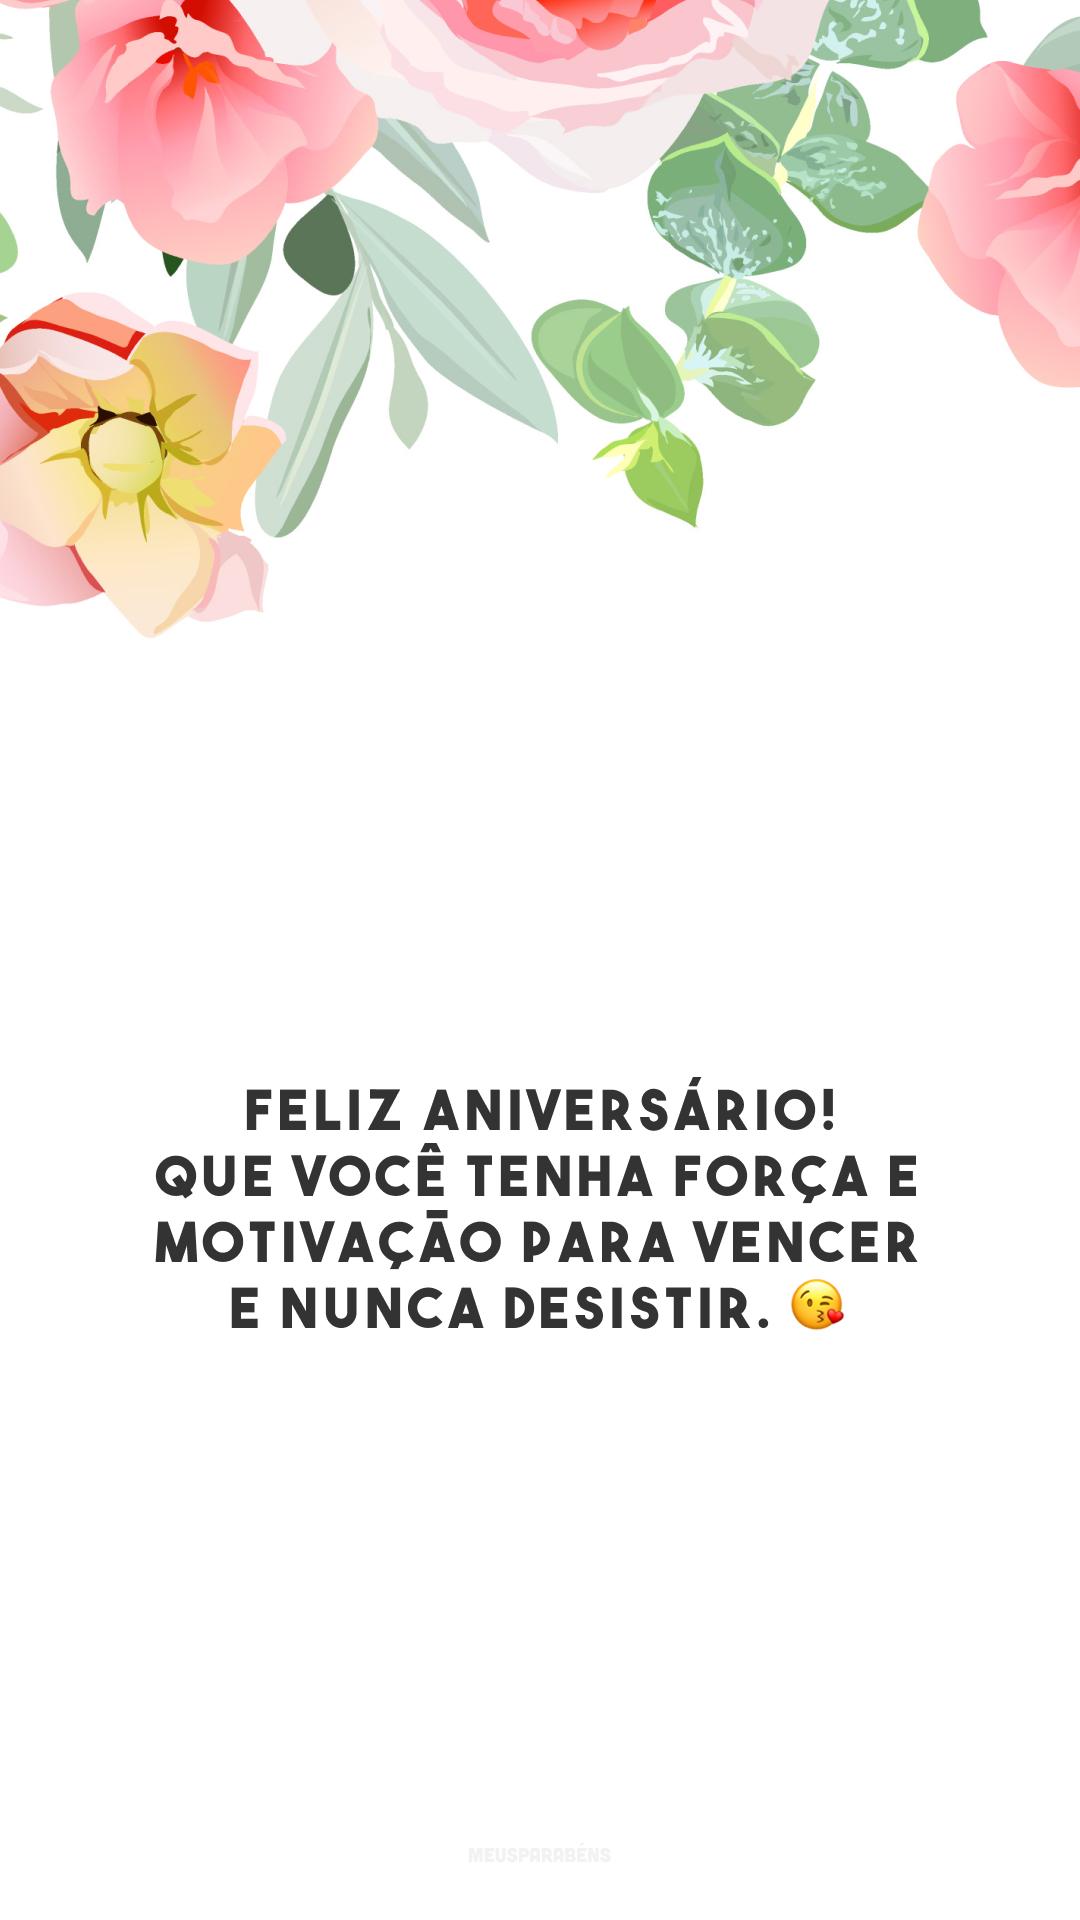 Feliz aniversário! Que você tenha força e motivação para vencer e nunca desistir. 😘